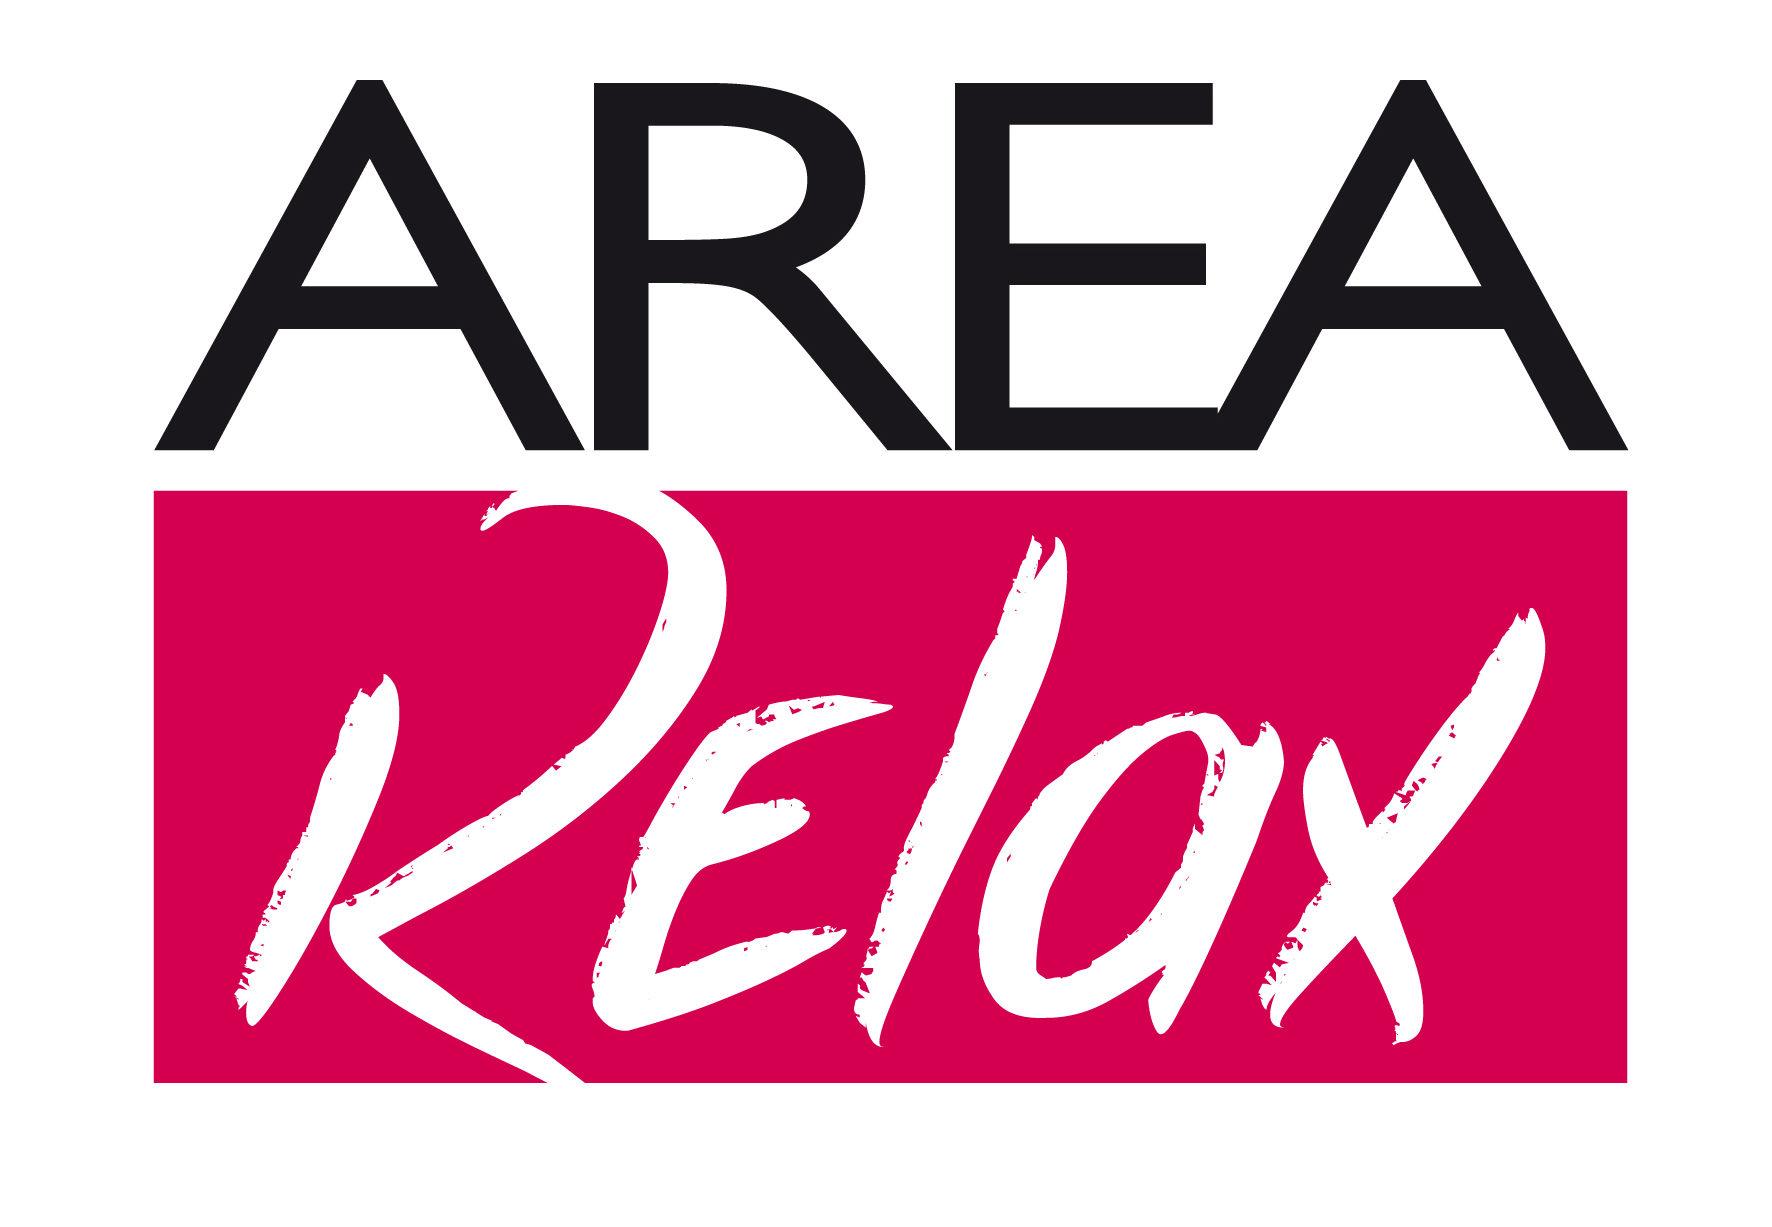 AREA RELAX senza scritta